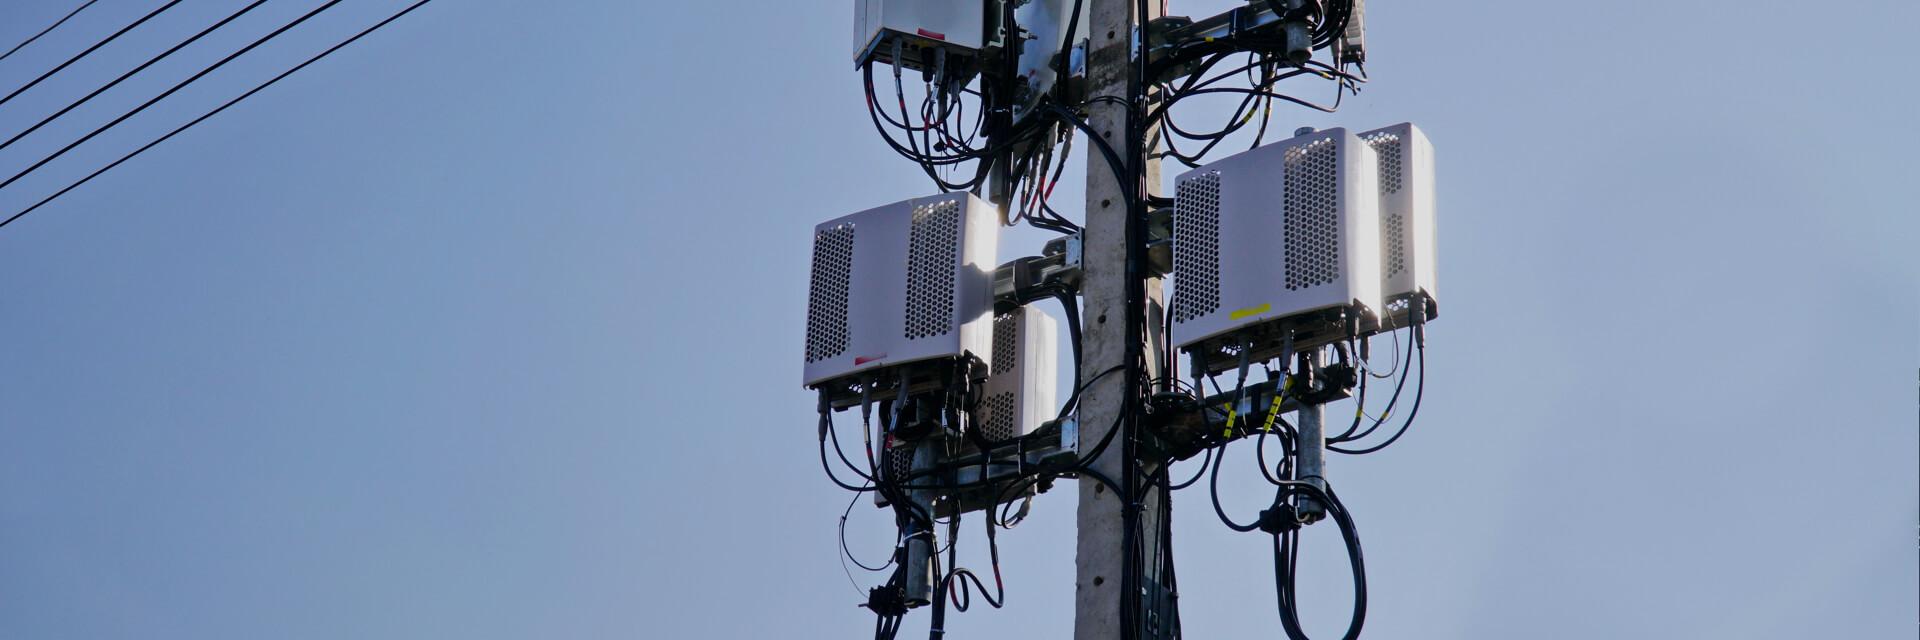 Инспекция башен сотовой связи Проводите осмотр, улучшив уровень безопасности и повысив эффективность.